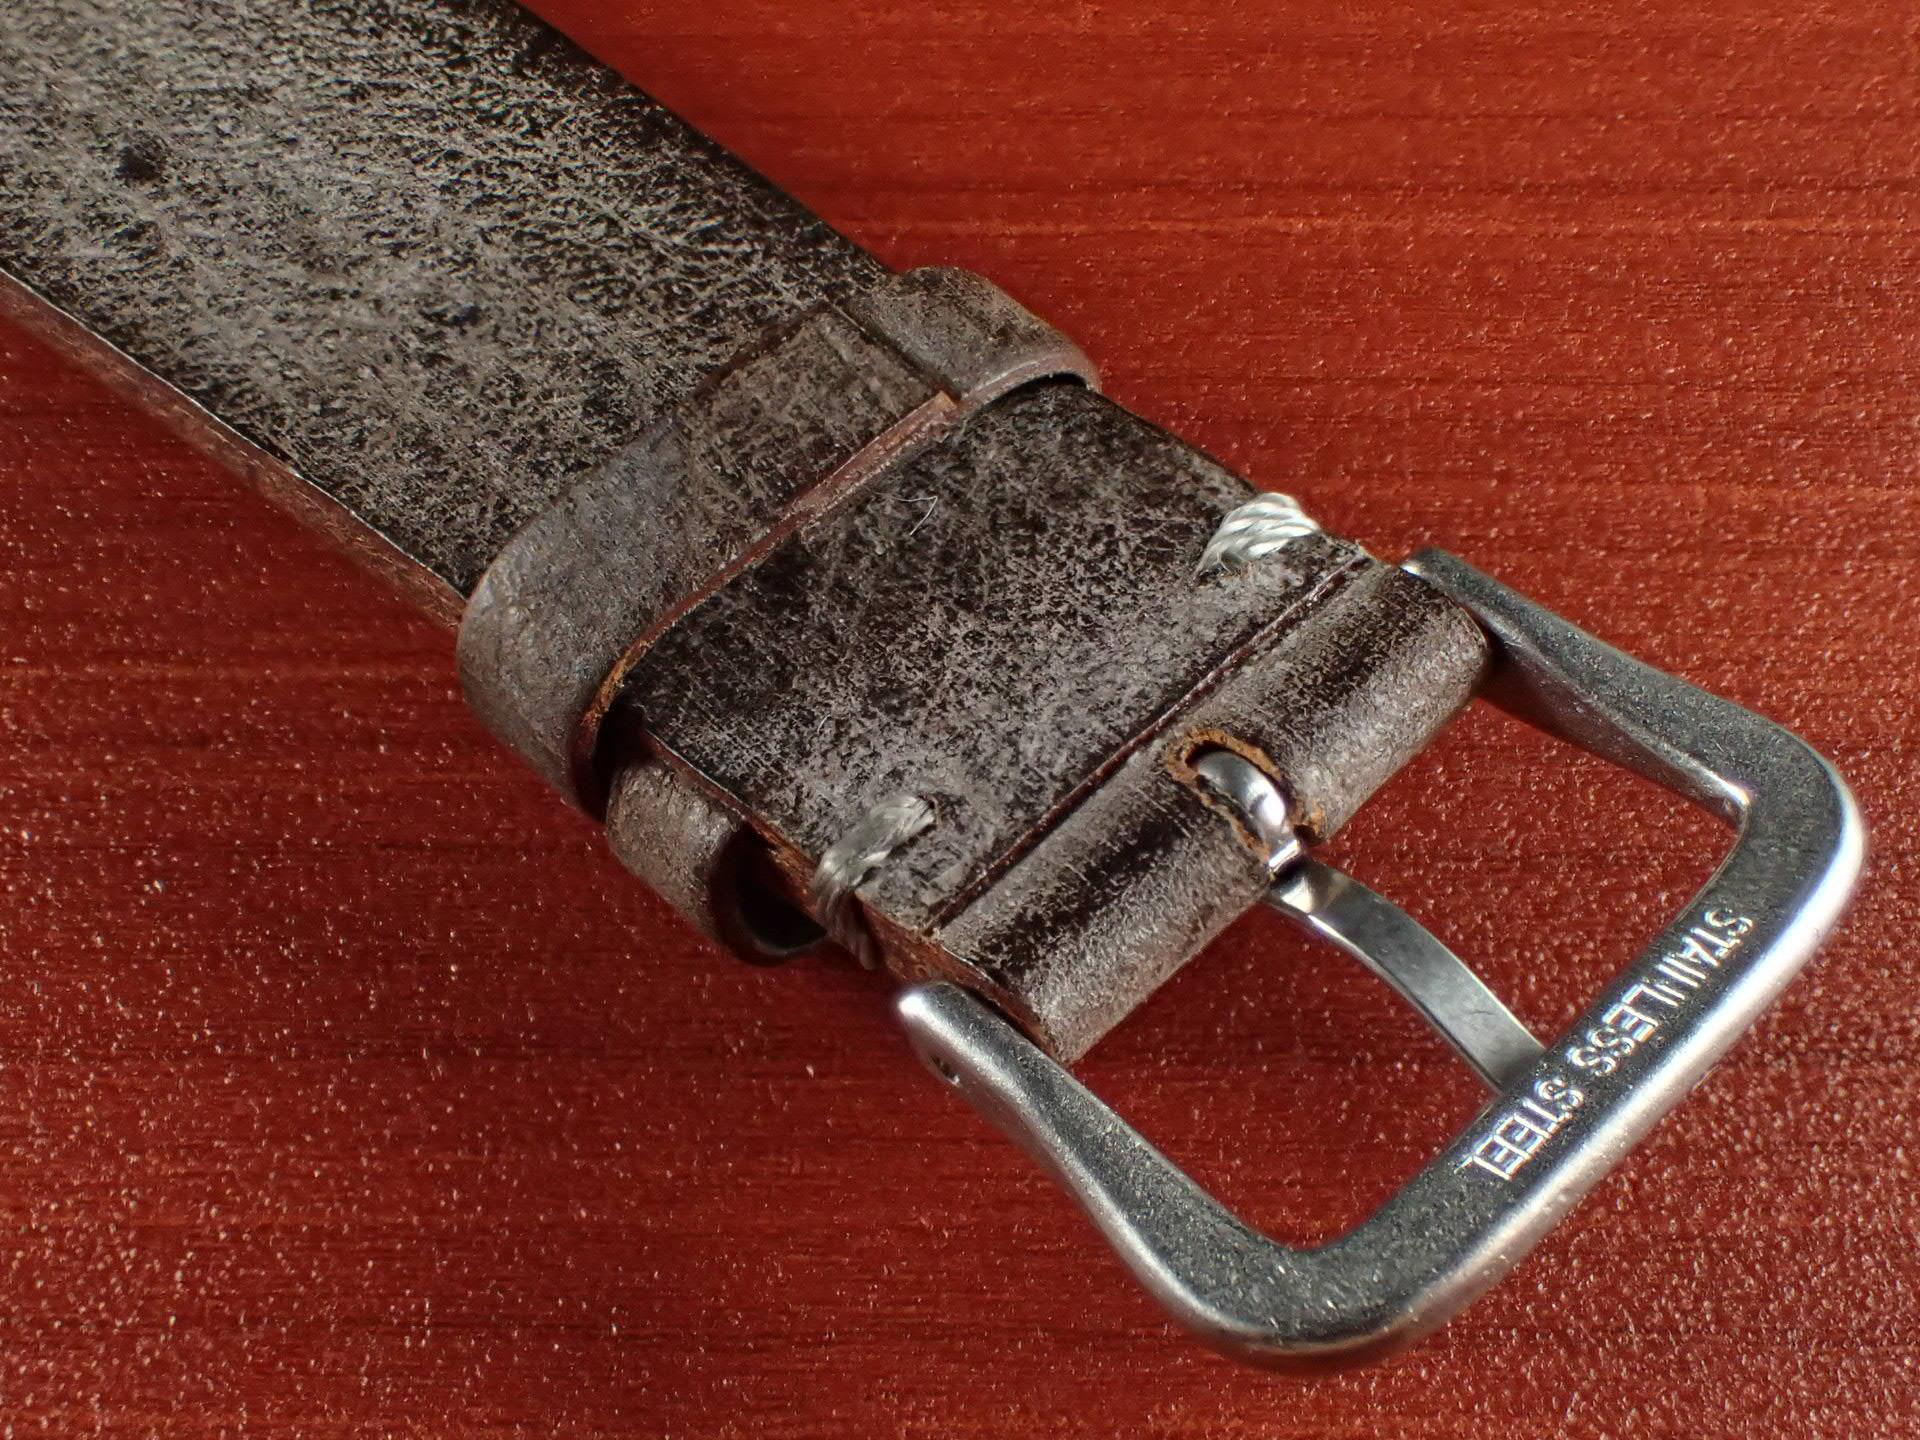 ブライドルレザーベルト ラ・ペルラ・アッズーラ アラスカ 一文字ステッチ ダークブラウン 18、20mmの写真4枚目